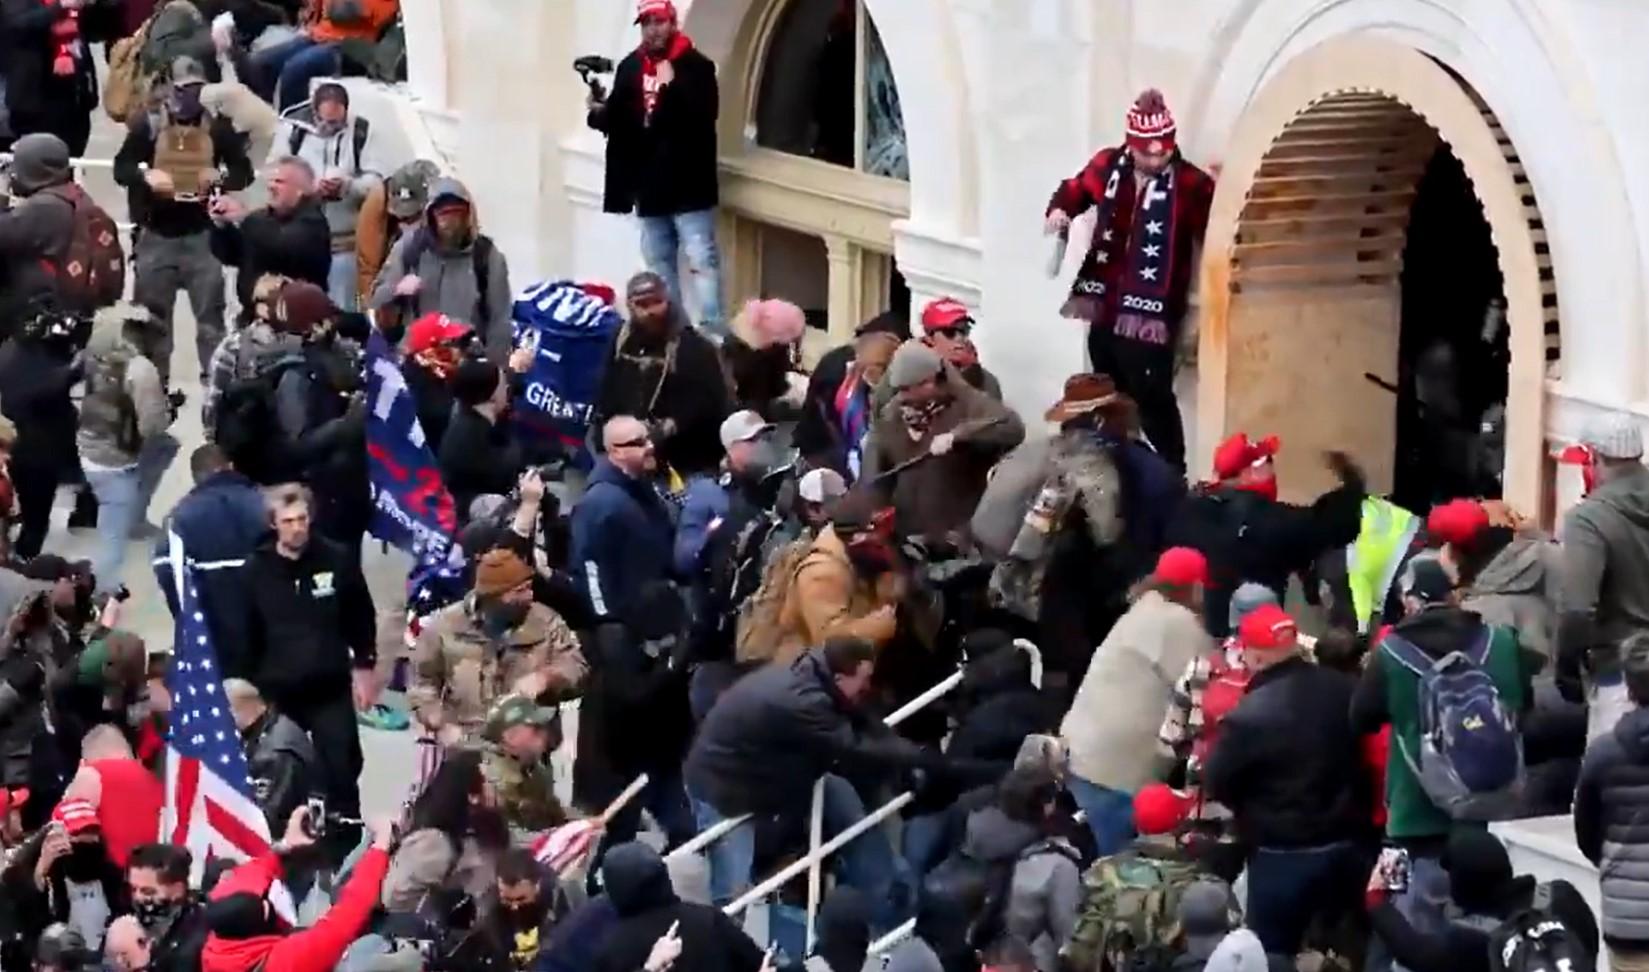 Újabb videó a Capitoliumból: Trump hívei a földön húznak, ütnek-vernek egy rendőrt